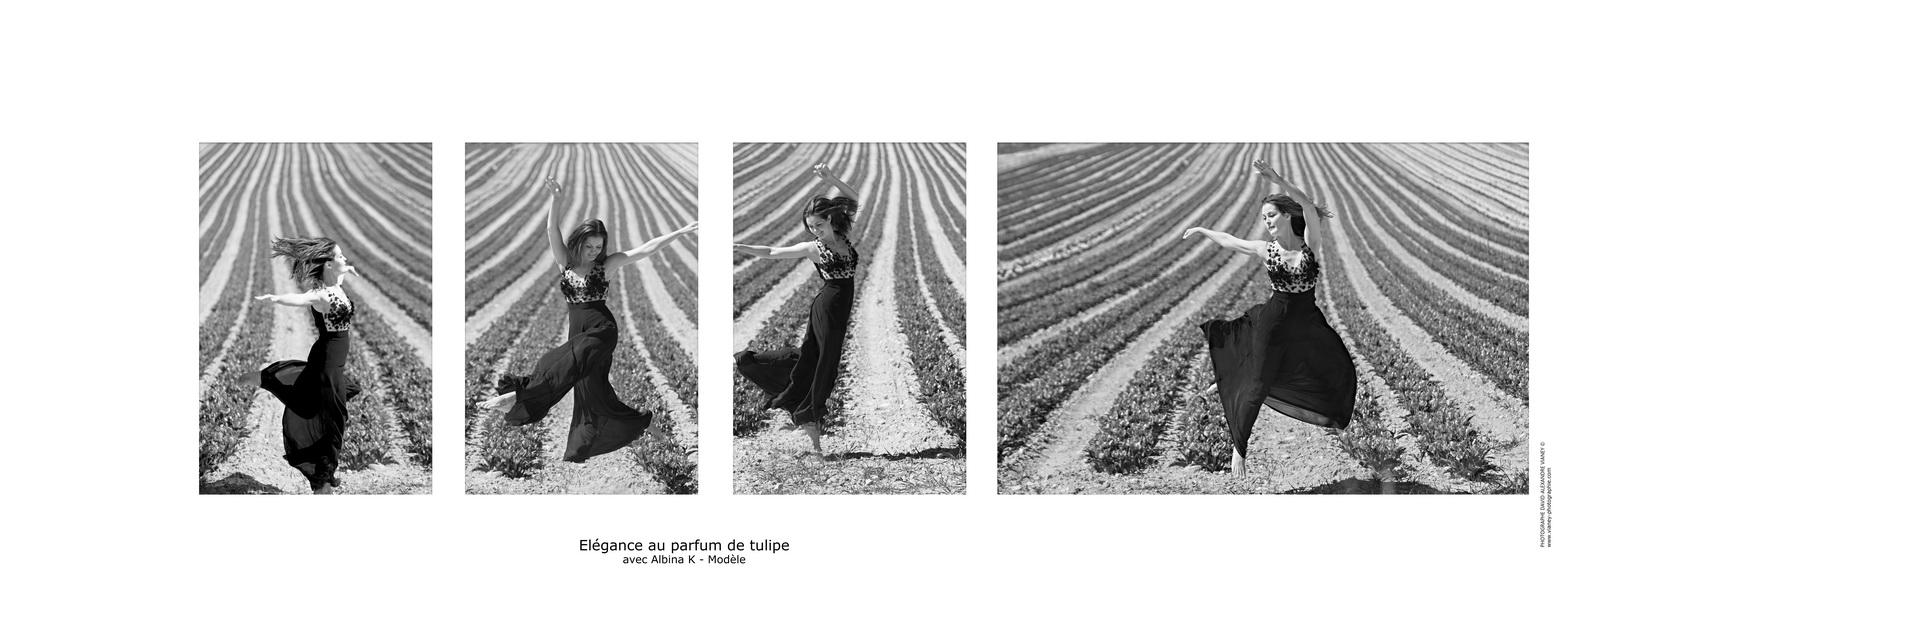 Illustration d'article - Elégance au parfum de tulipe